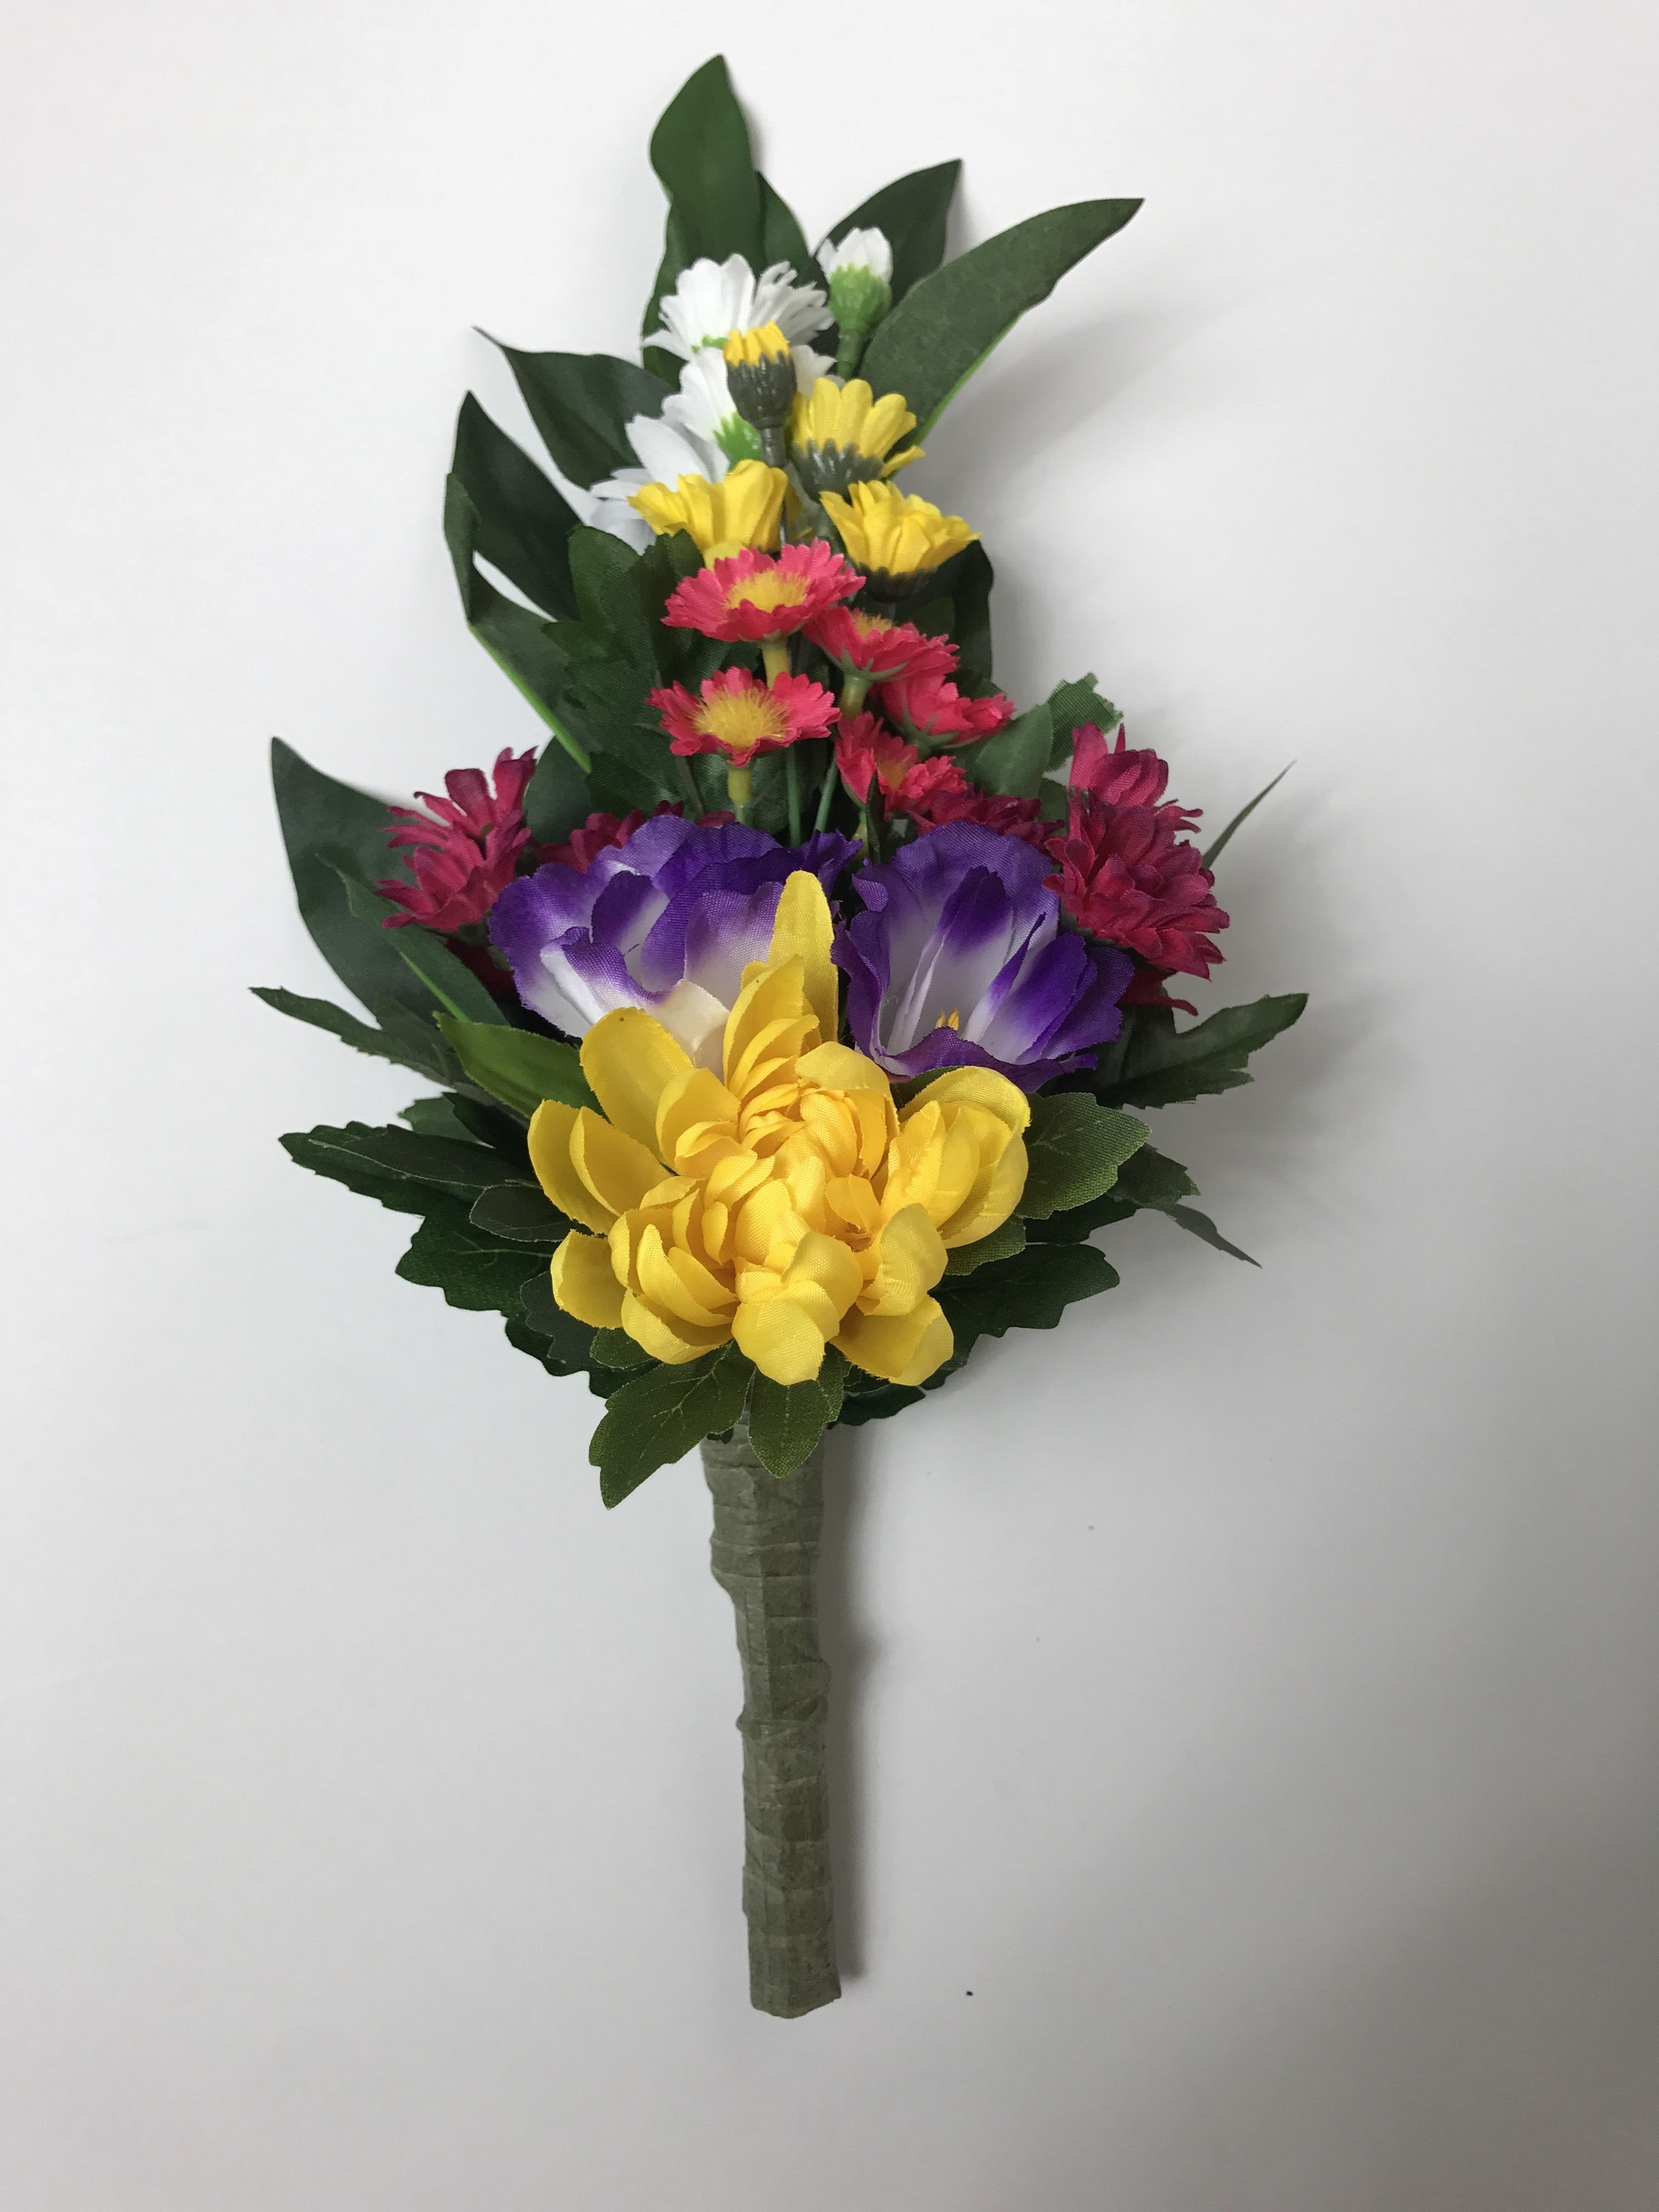 アーティフィシャルフラワー仏花(造花)